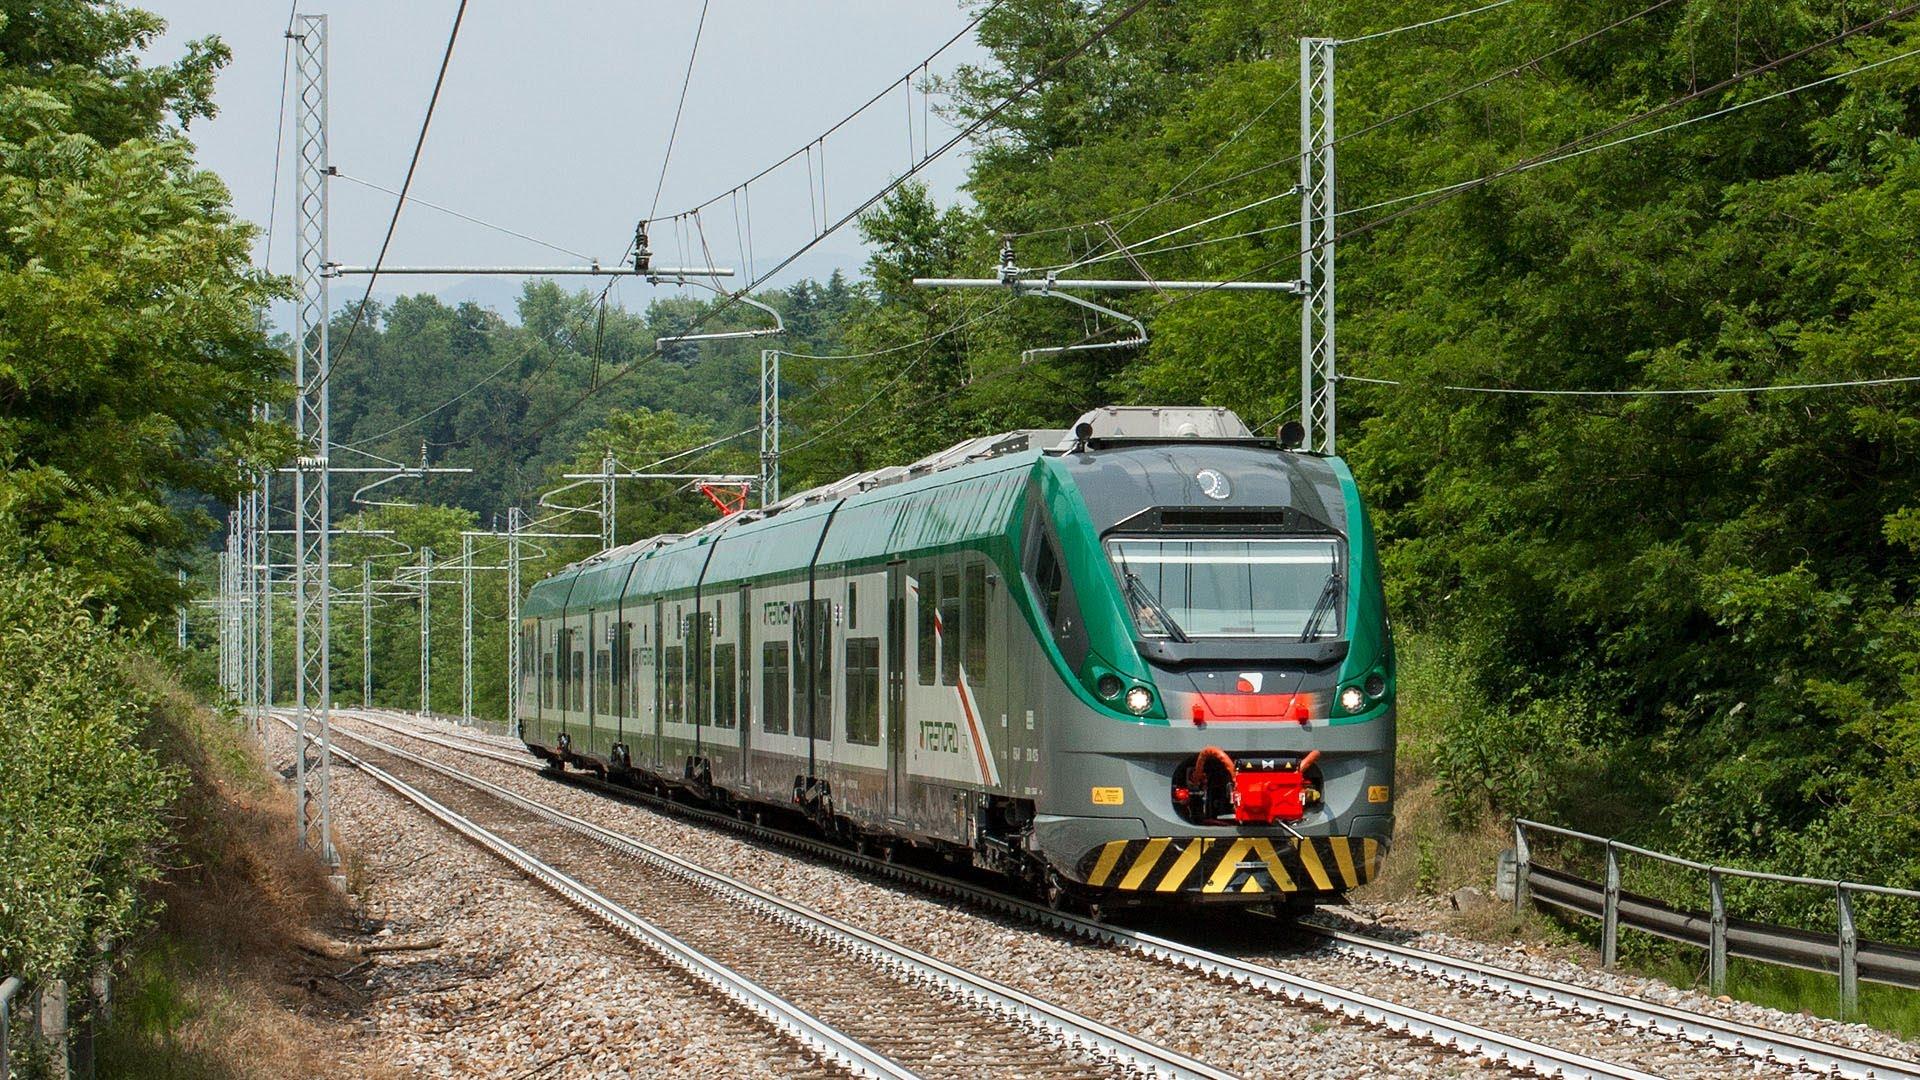 Milano trenord otto partenze all 39 ora per l 39 aeroporto di - Trenord porta garibaldi ...